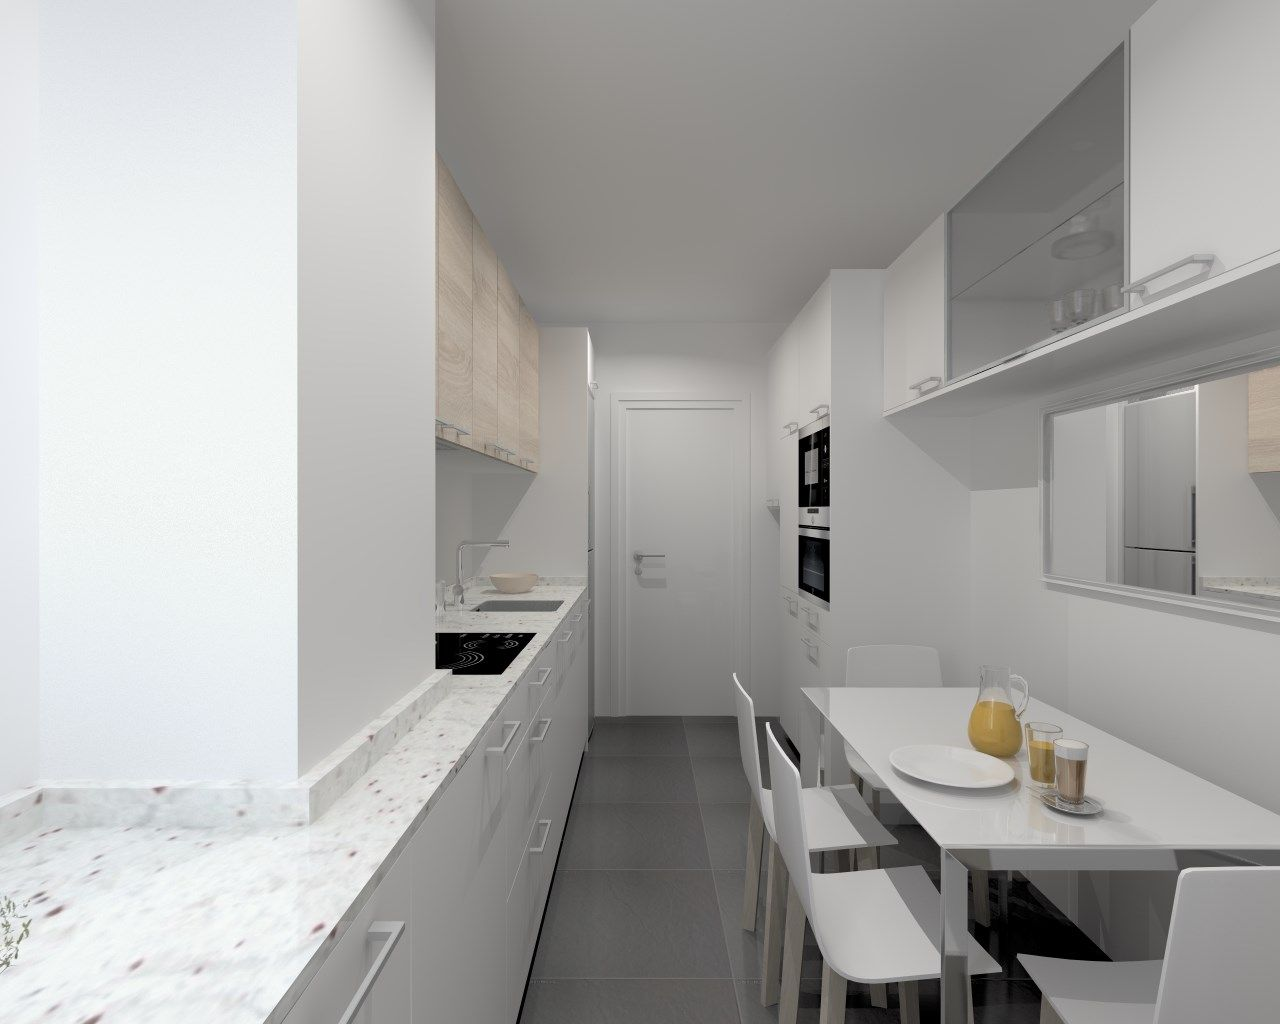 Cocina santos modelo ariane estratificado blanco encimera - Encimera granito blanco ...